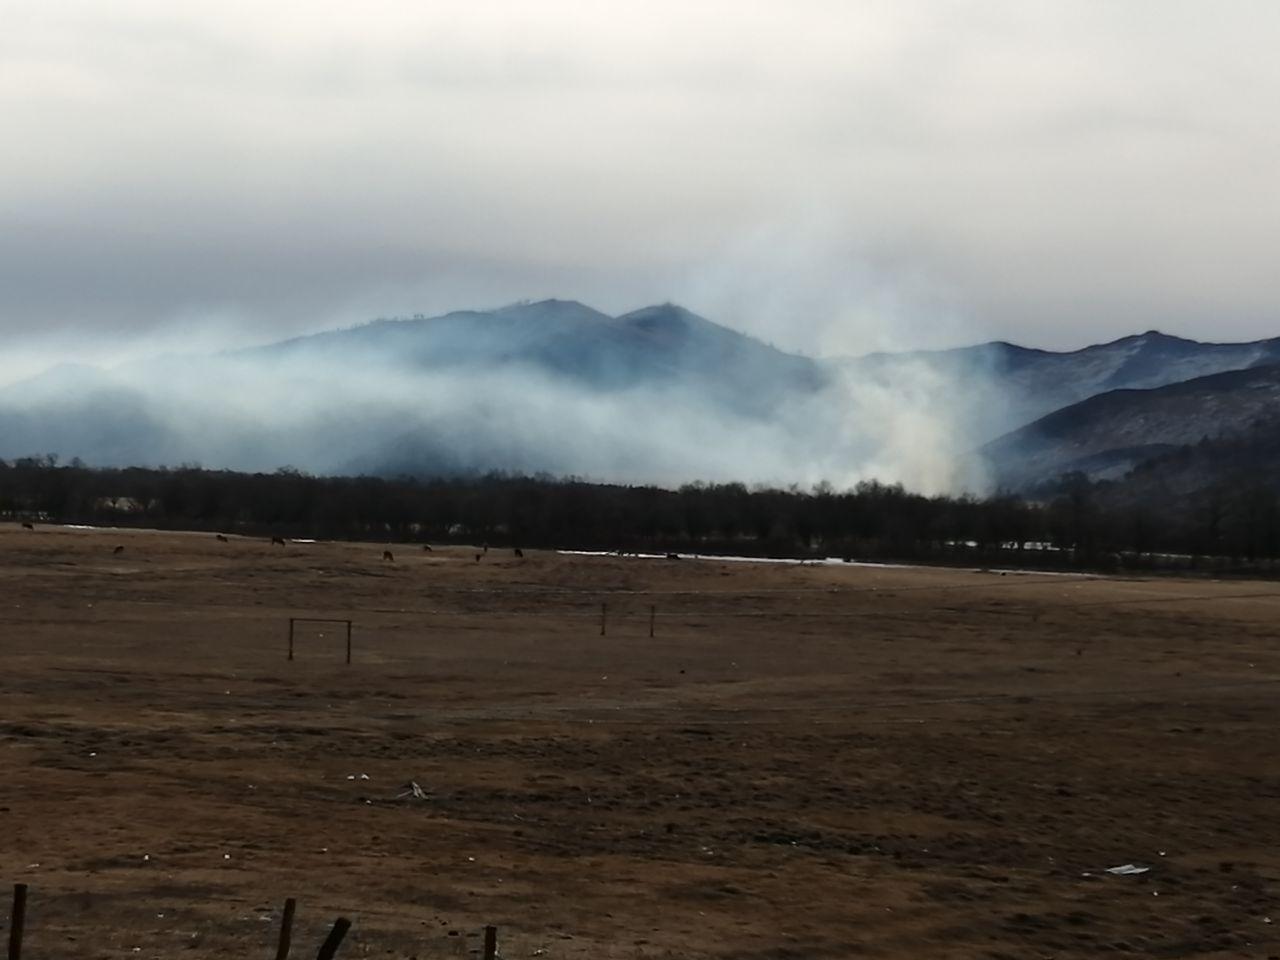 Пожар в долине реки Кыринка был контролируемым отжигом — глава района